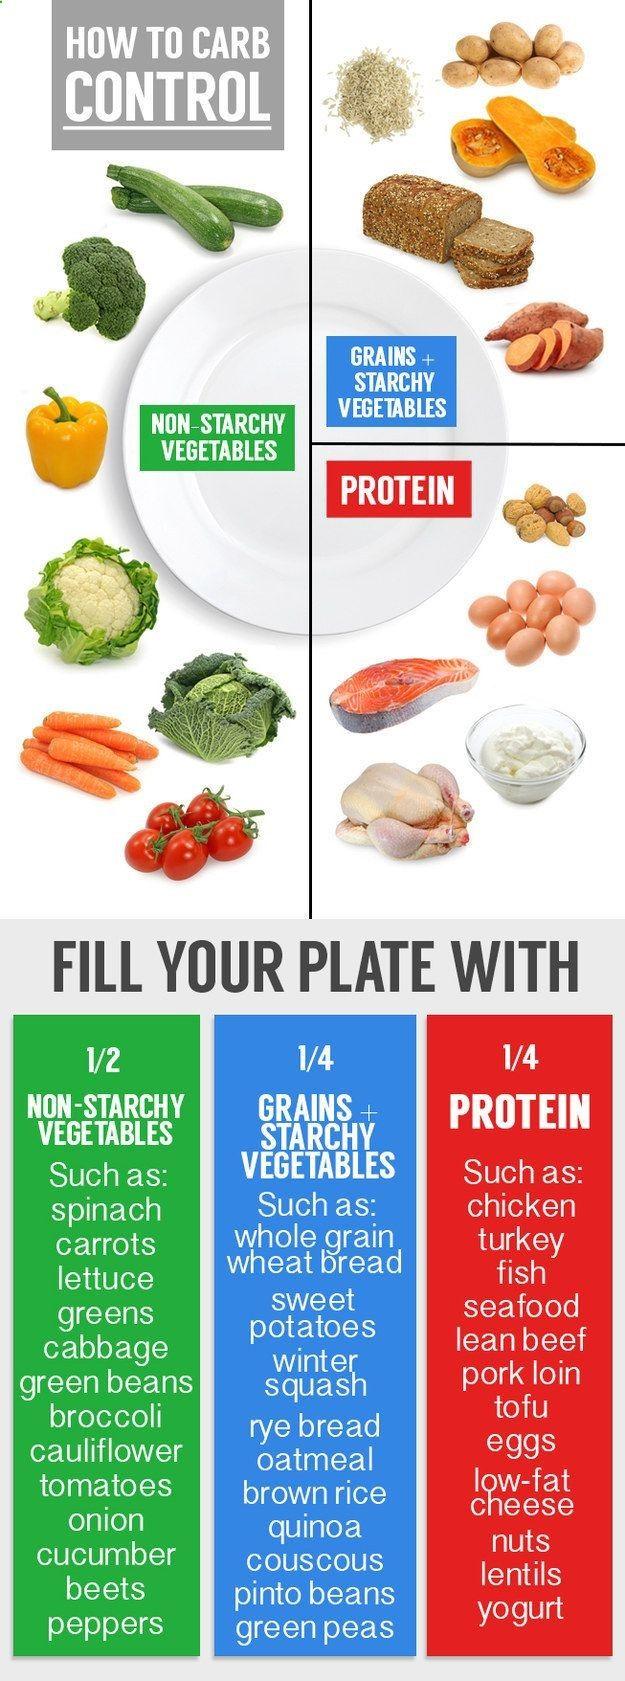 2 week diet plan example picture 9